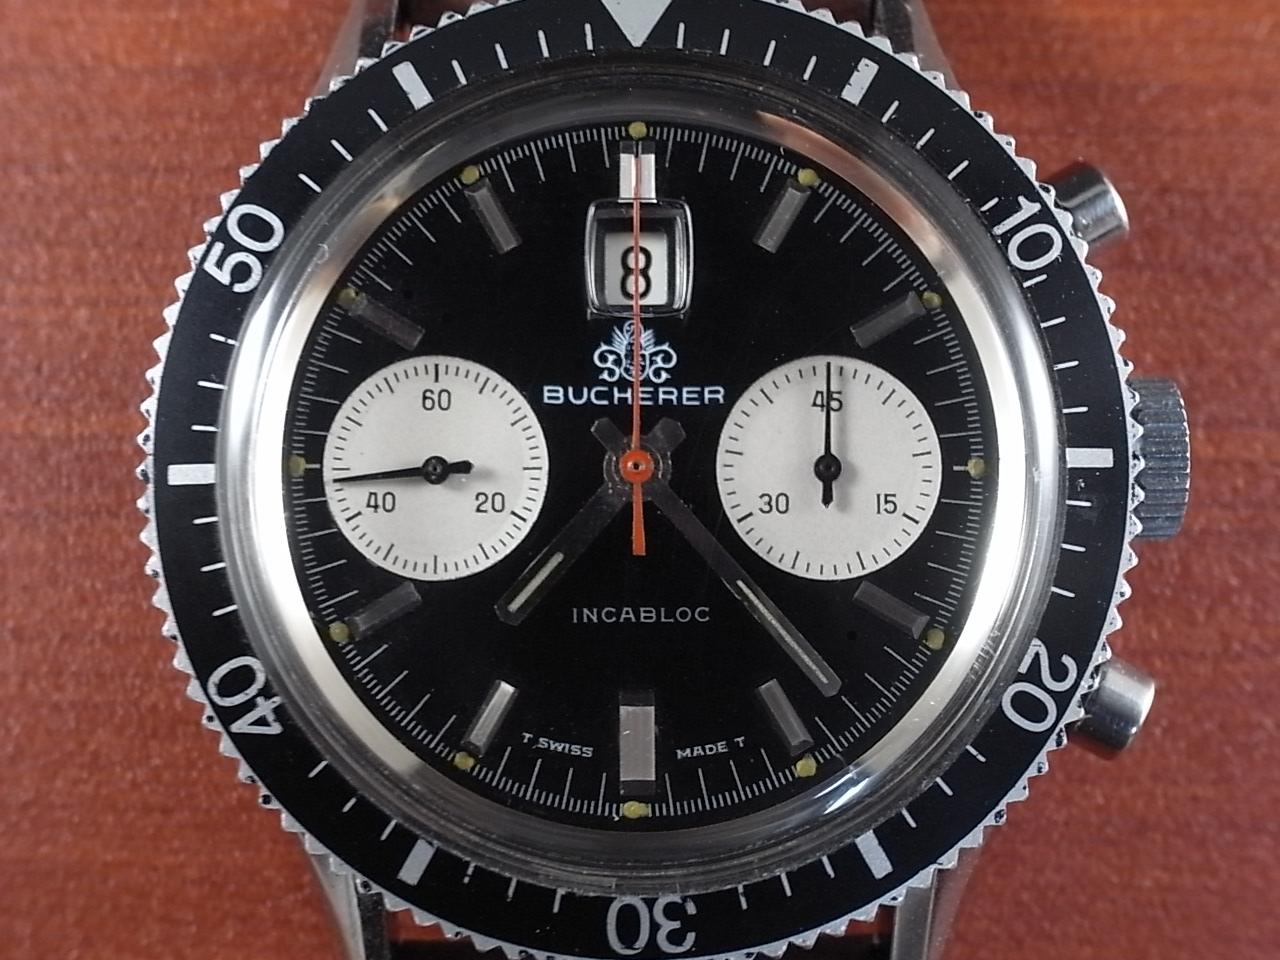 ブッフェラー BUCHERER クロノグラフ 2レジスター ブラックミラーDL 1970年代の写真2枚目